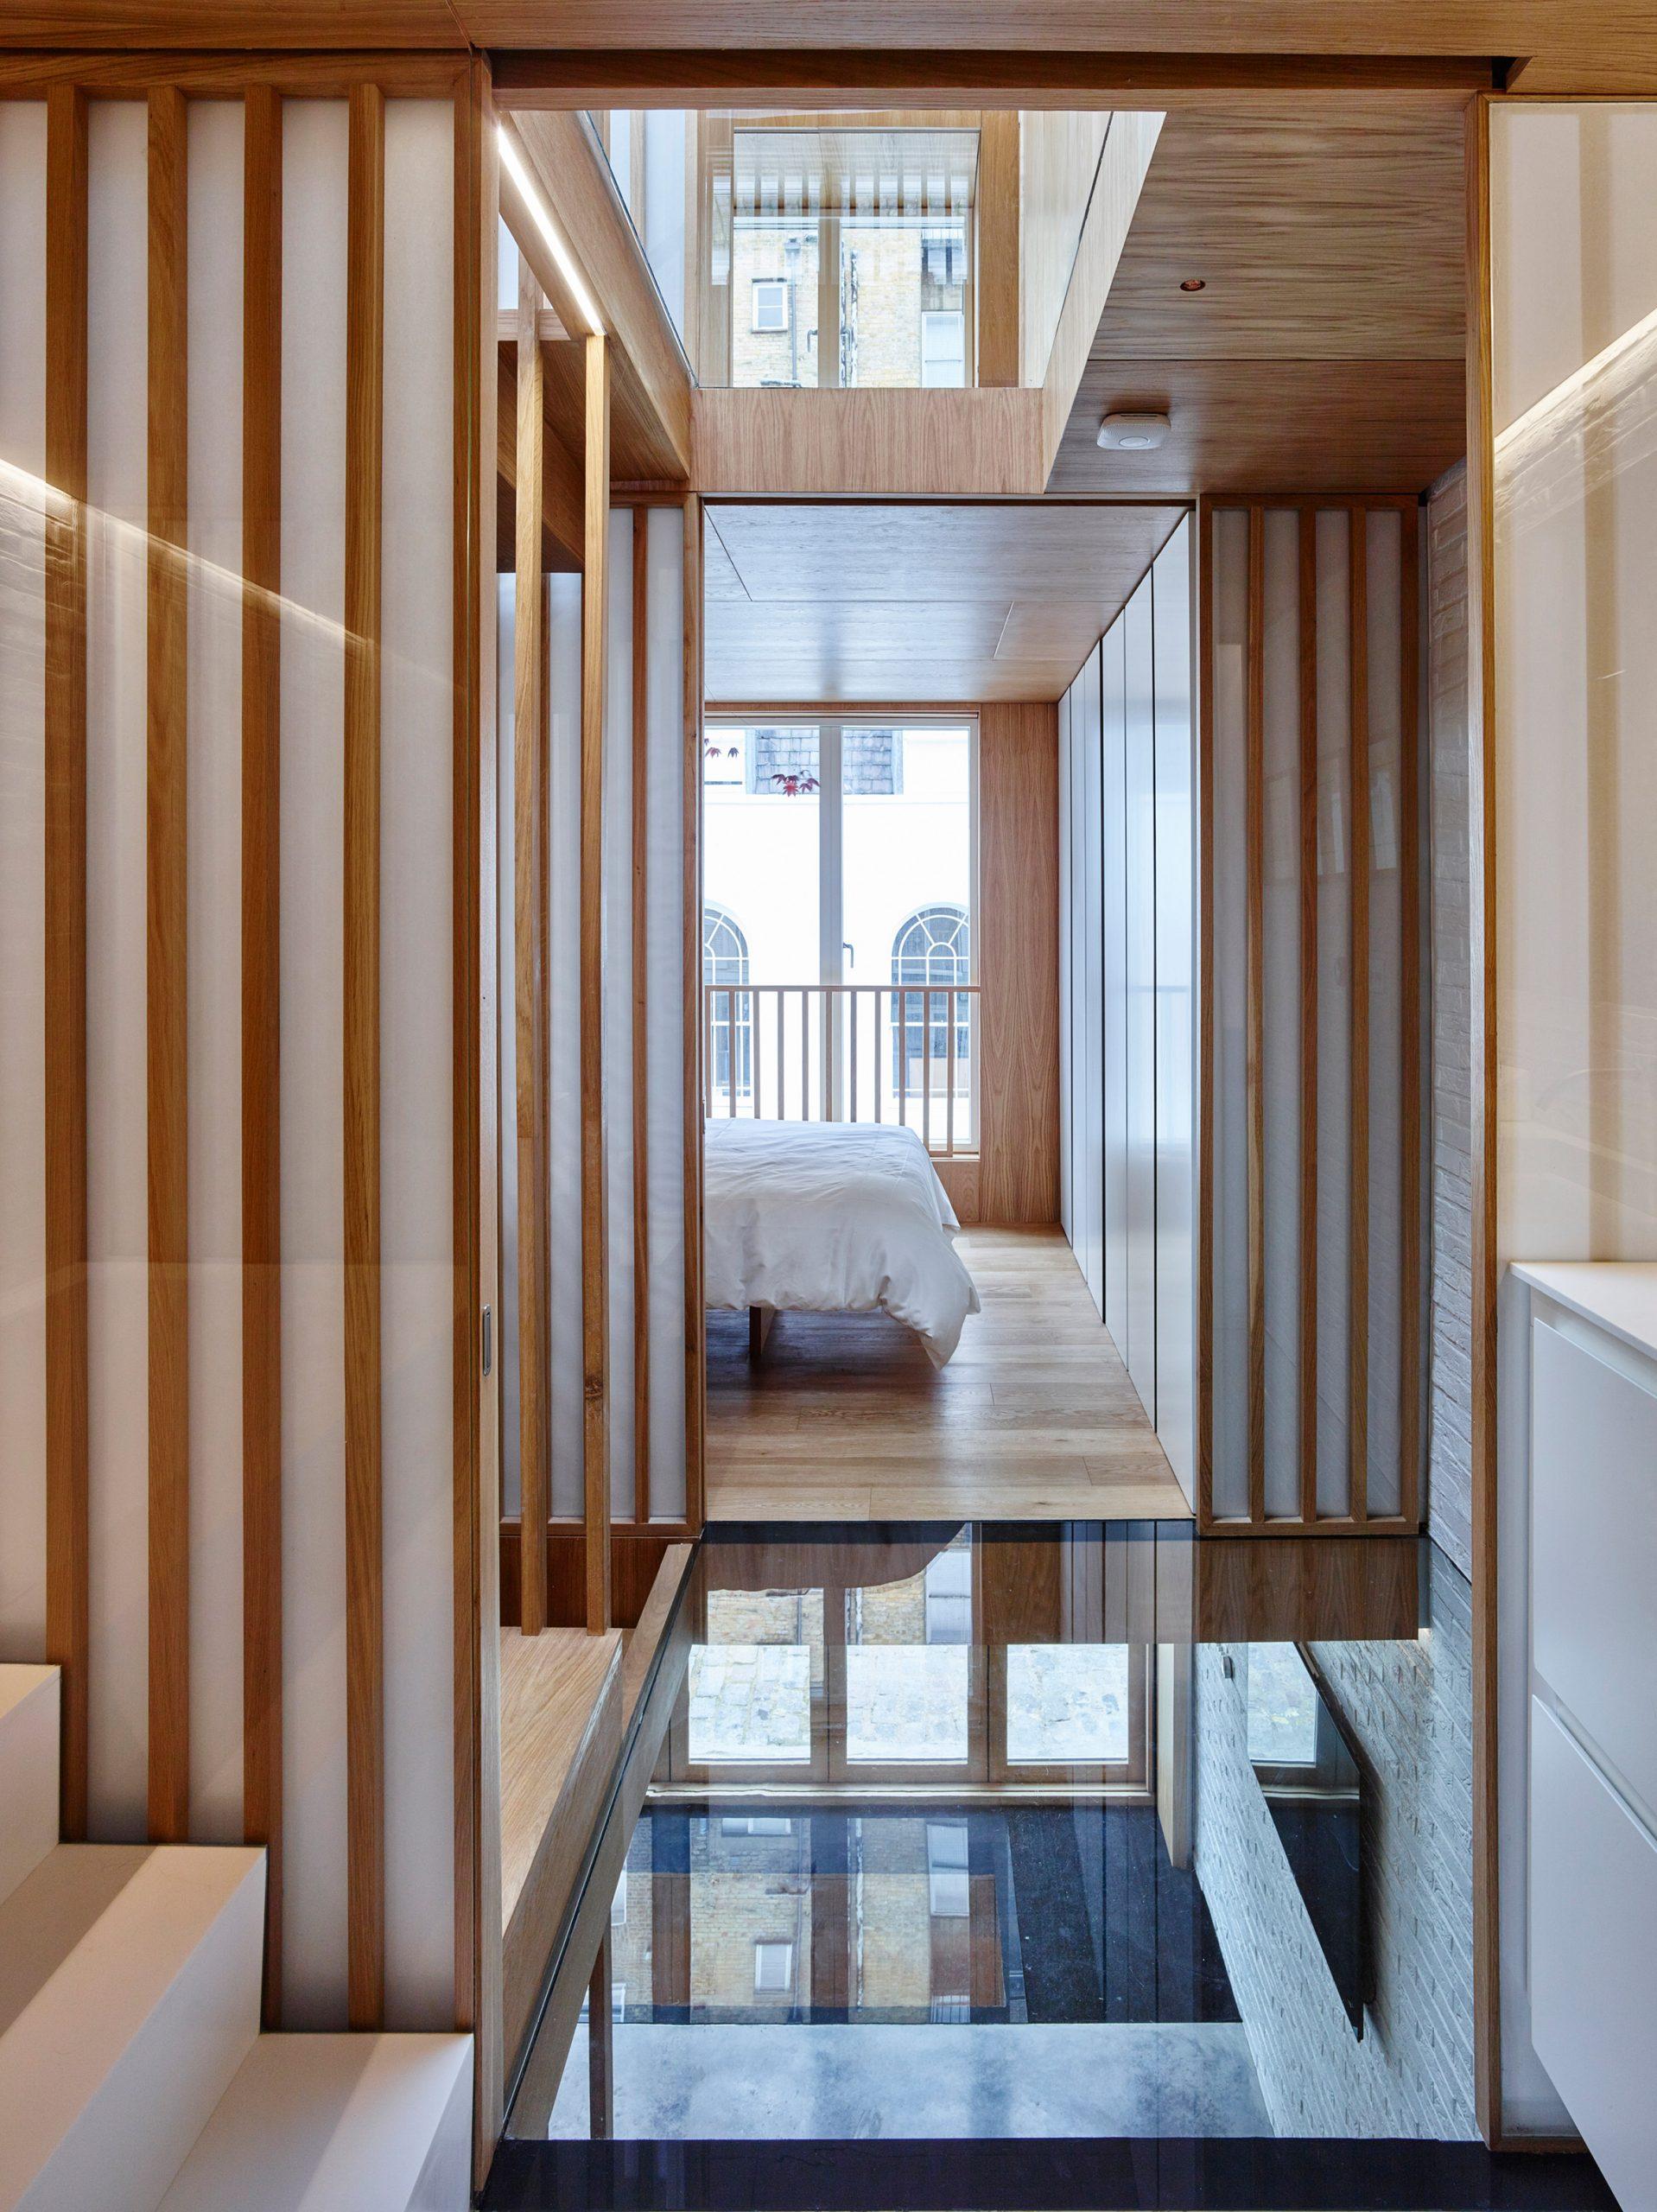 Thiết kế nhà gỗ hiện đại 5